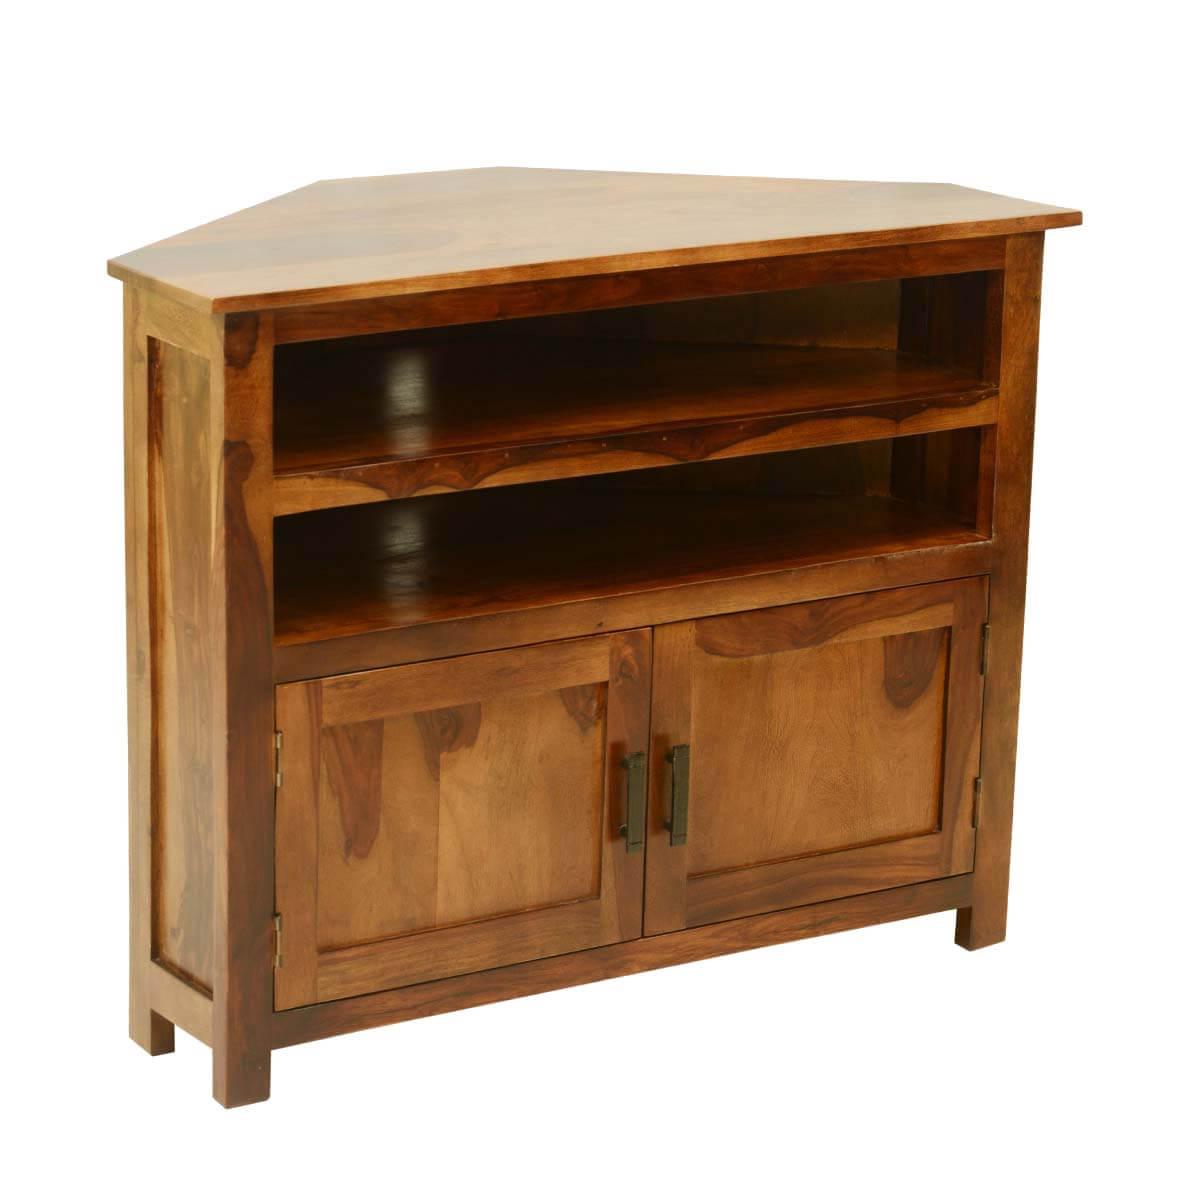 Solid Wood Corner Tv Cabinets Regarding Trendy Farmhouse Solid Wood Corner Tv Media Stand (View 15 of 20)